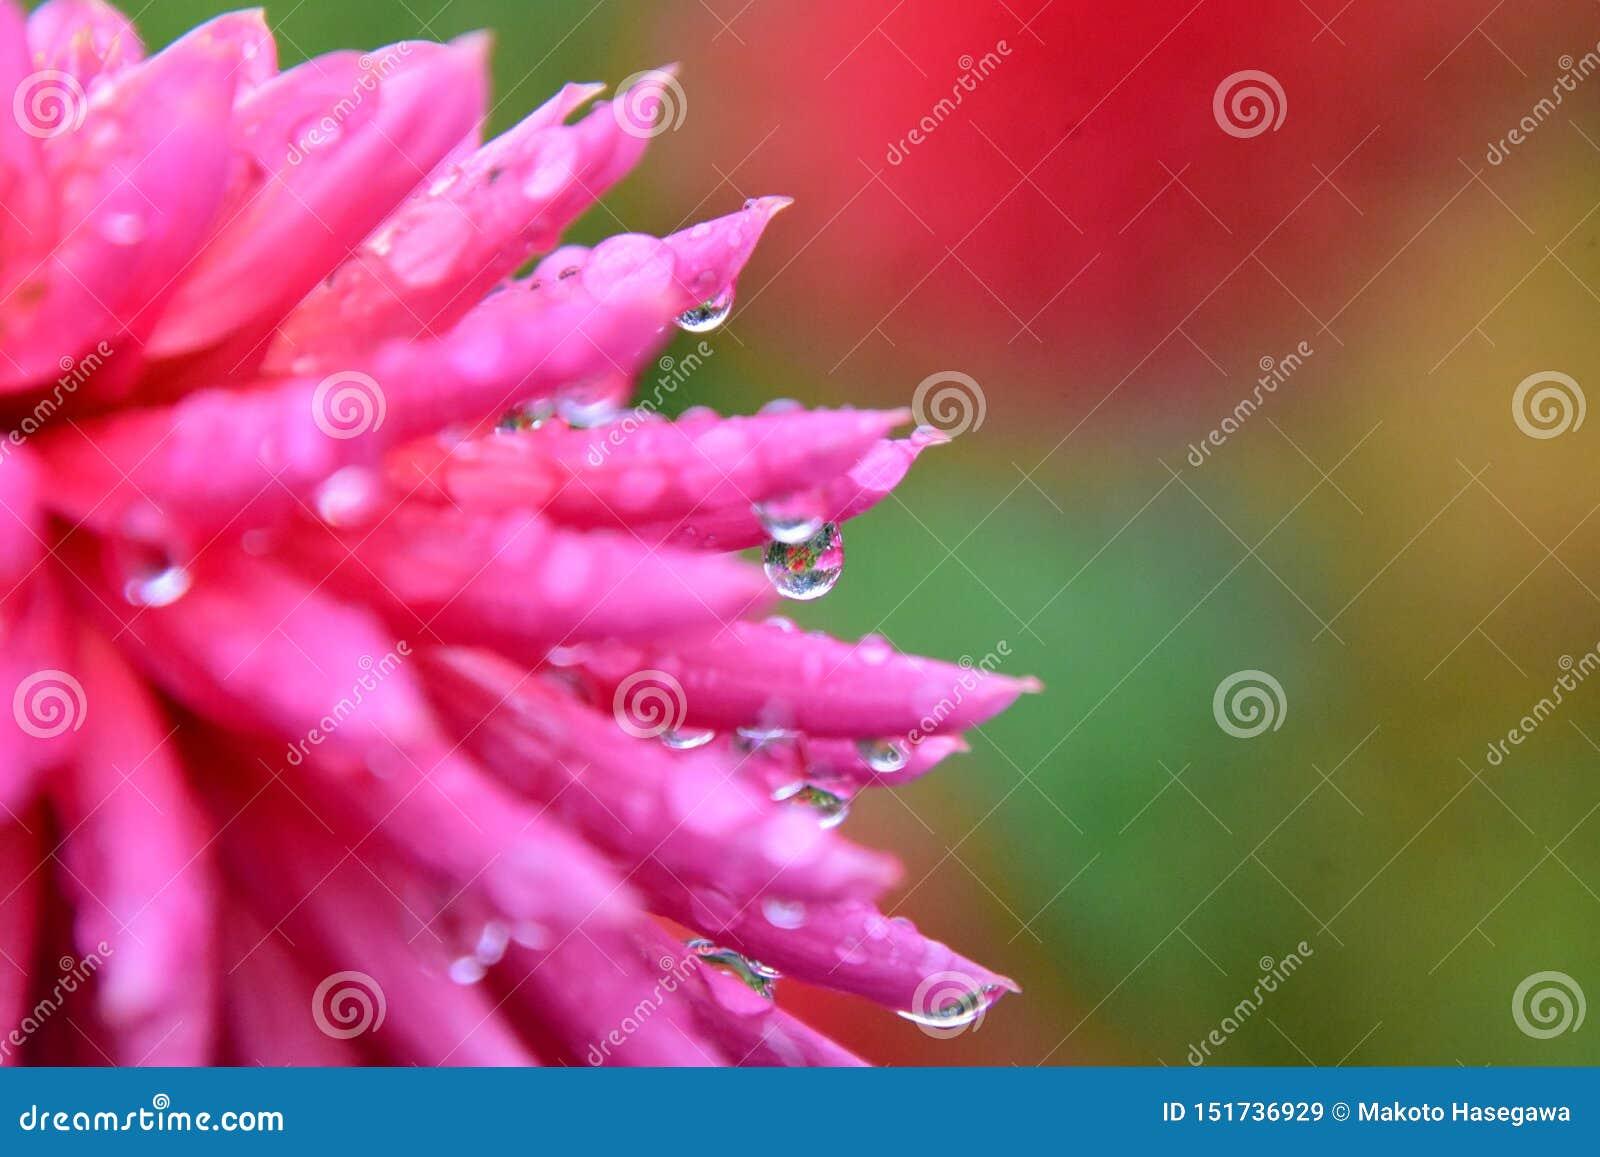 Eine Nahaufnahme der Dahlienblume gleich nach dem Regen